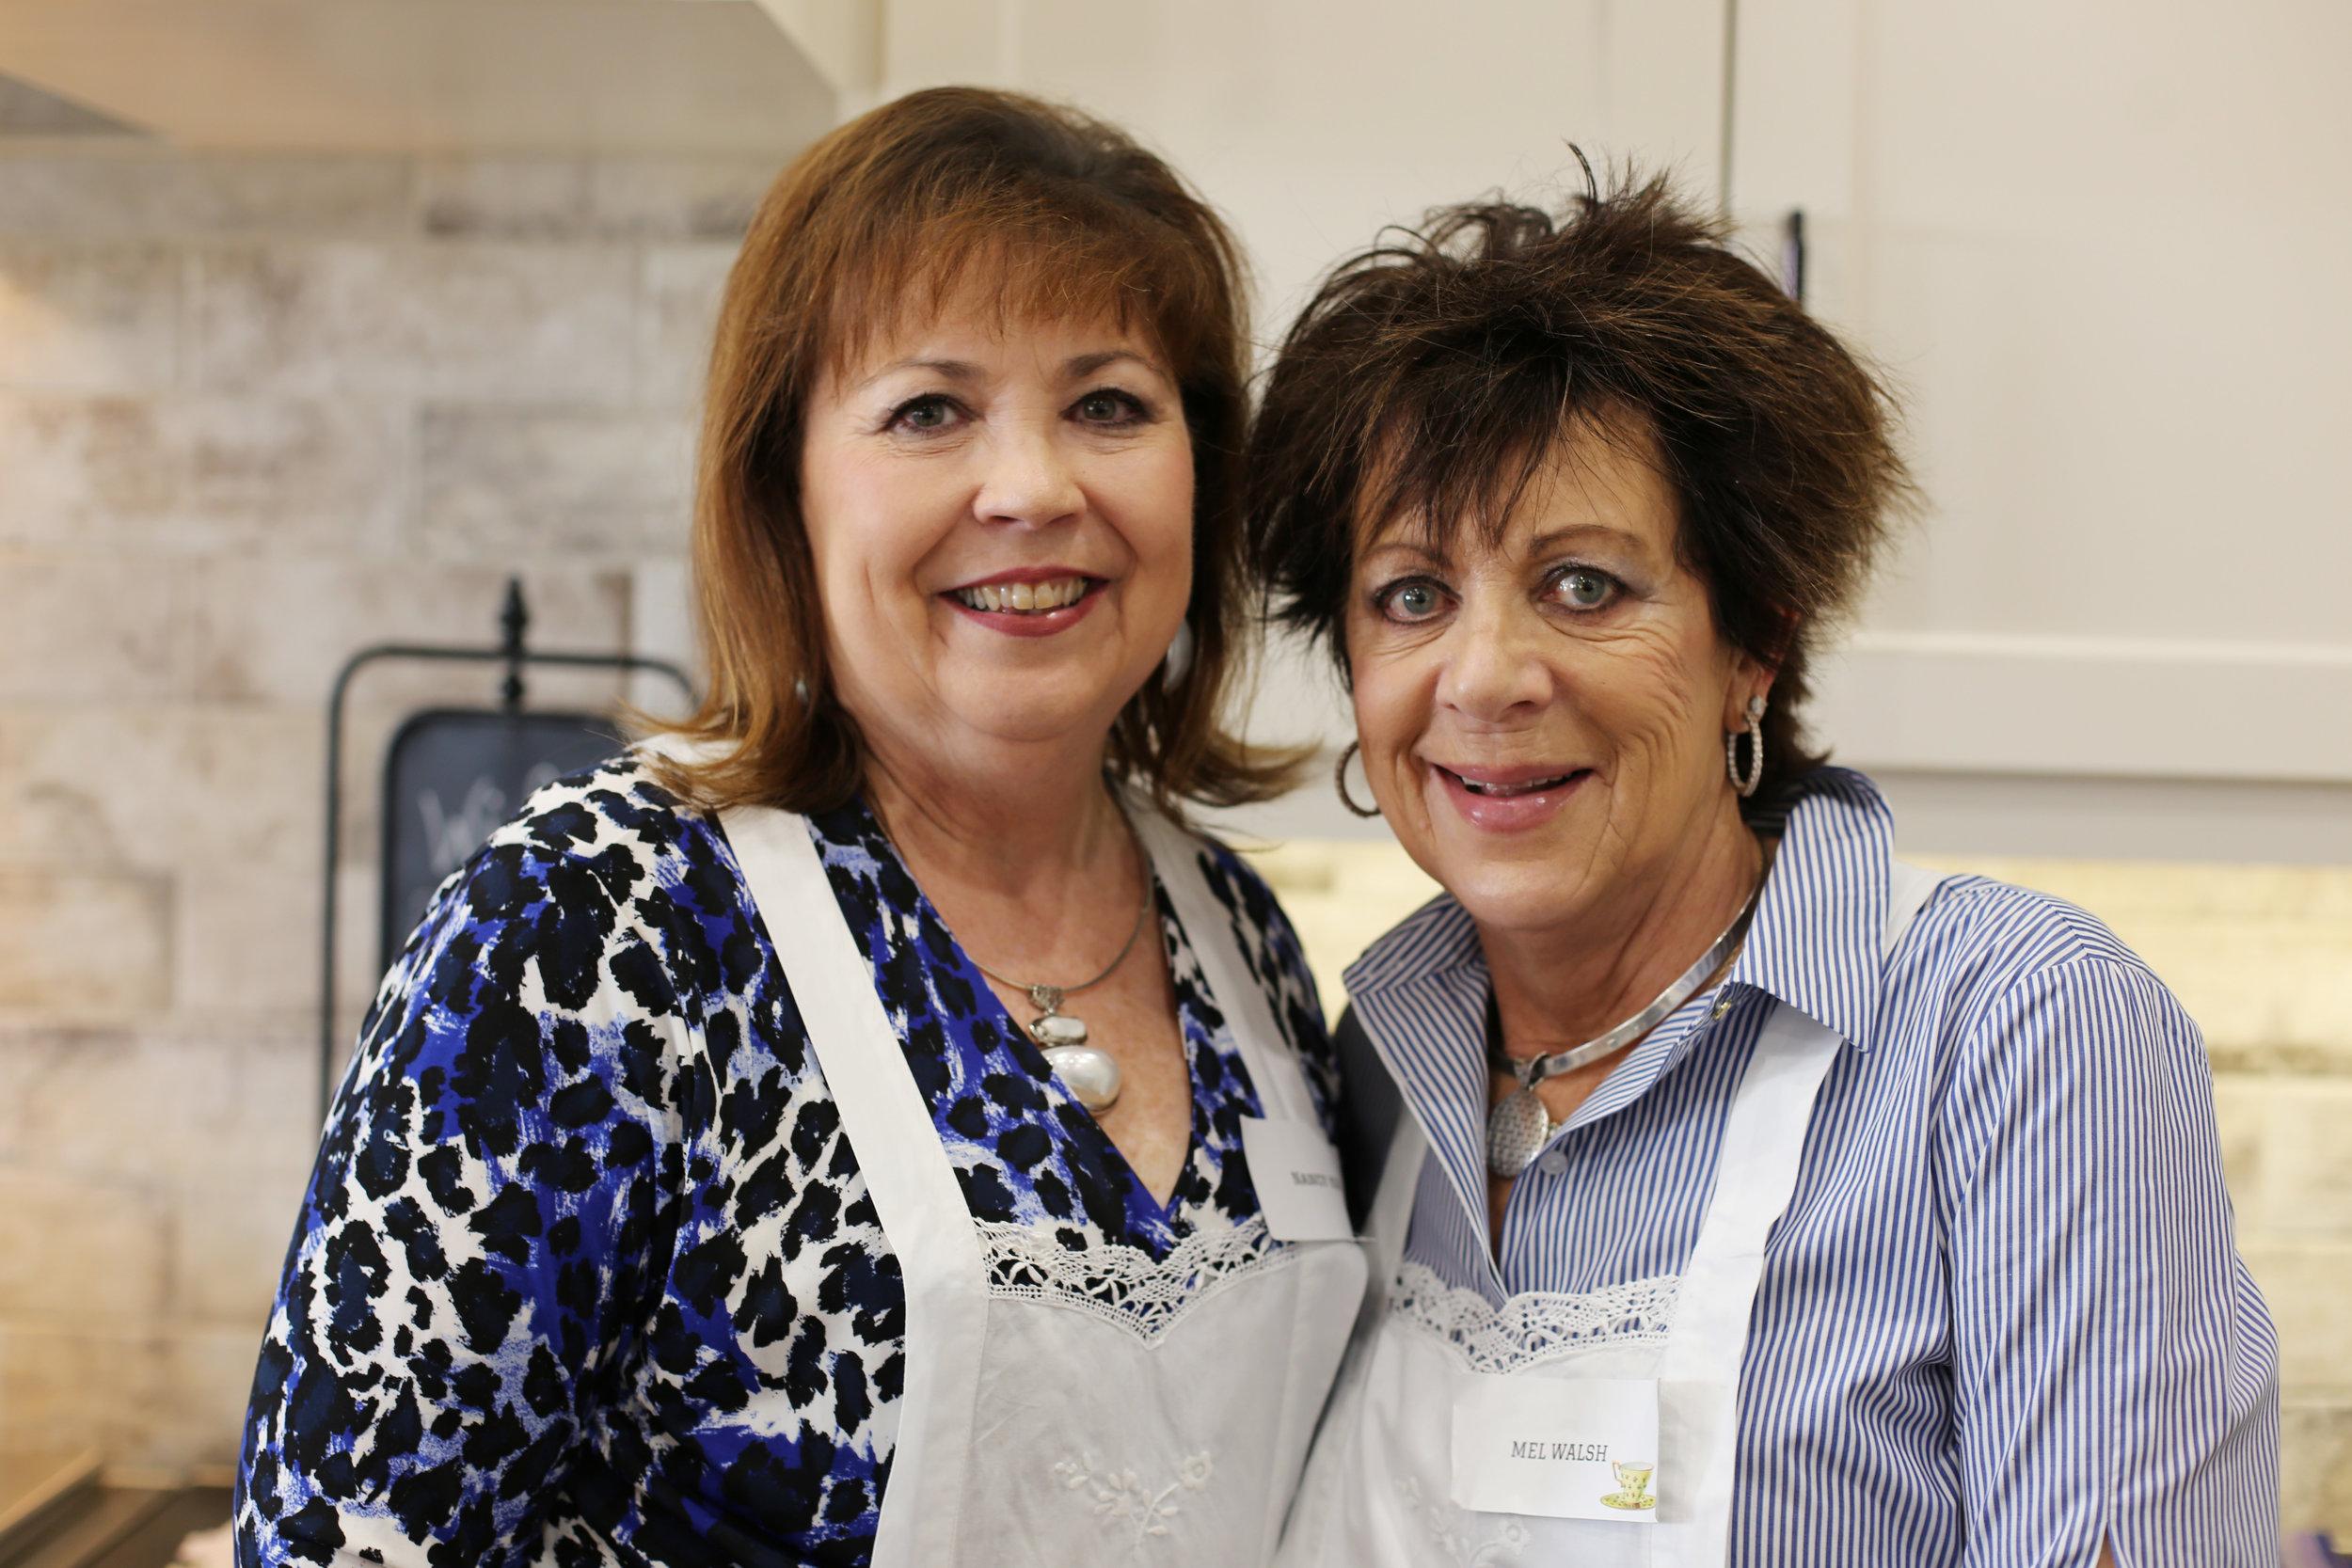 Nancy King and Mel Walsh